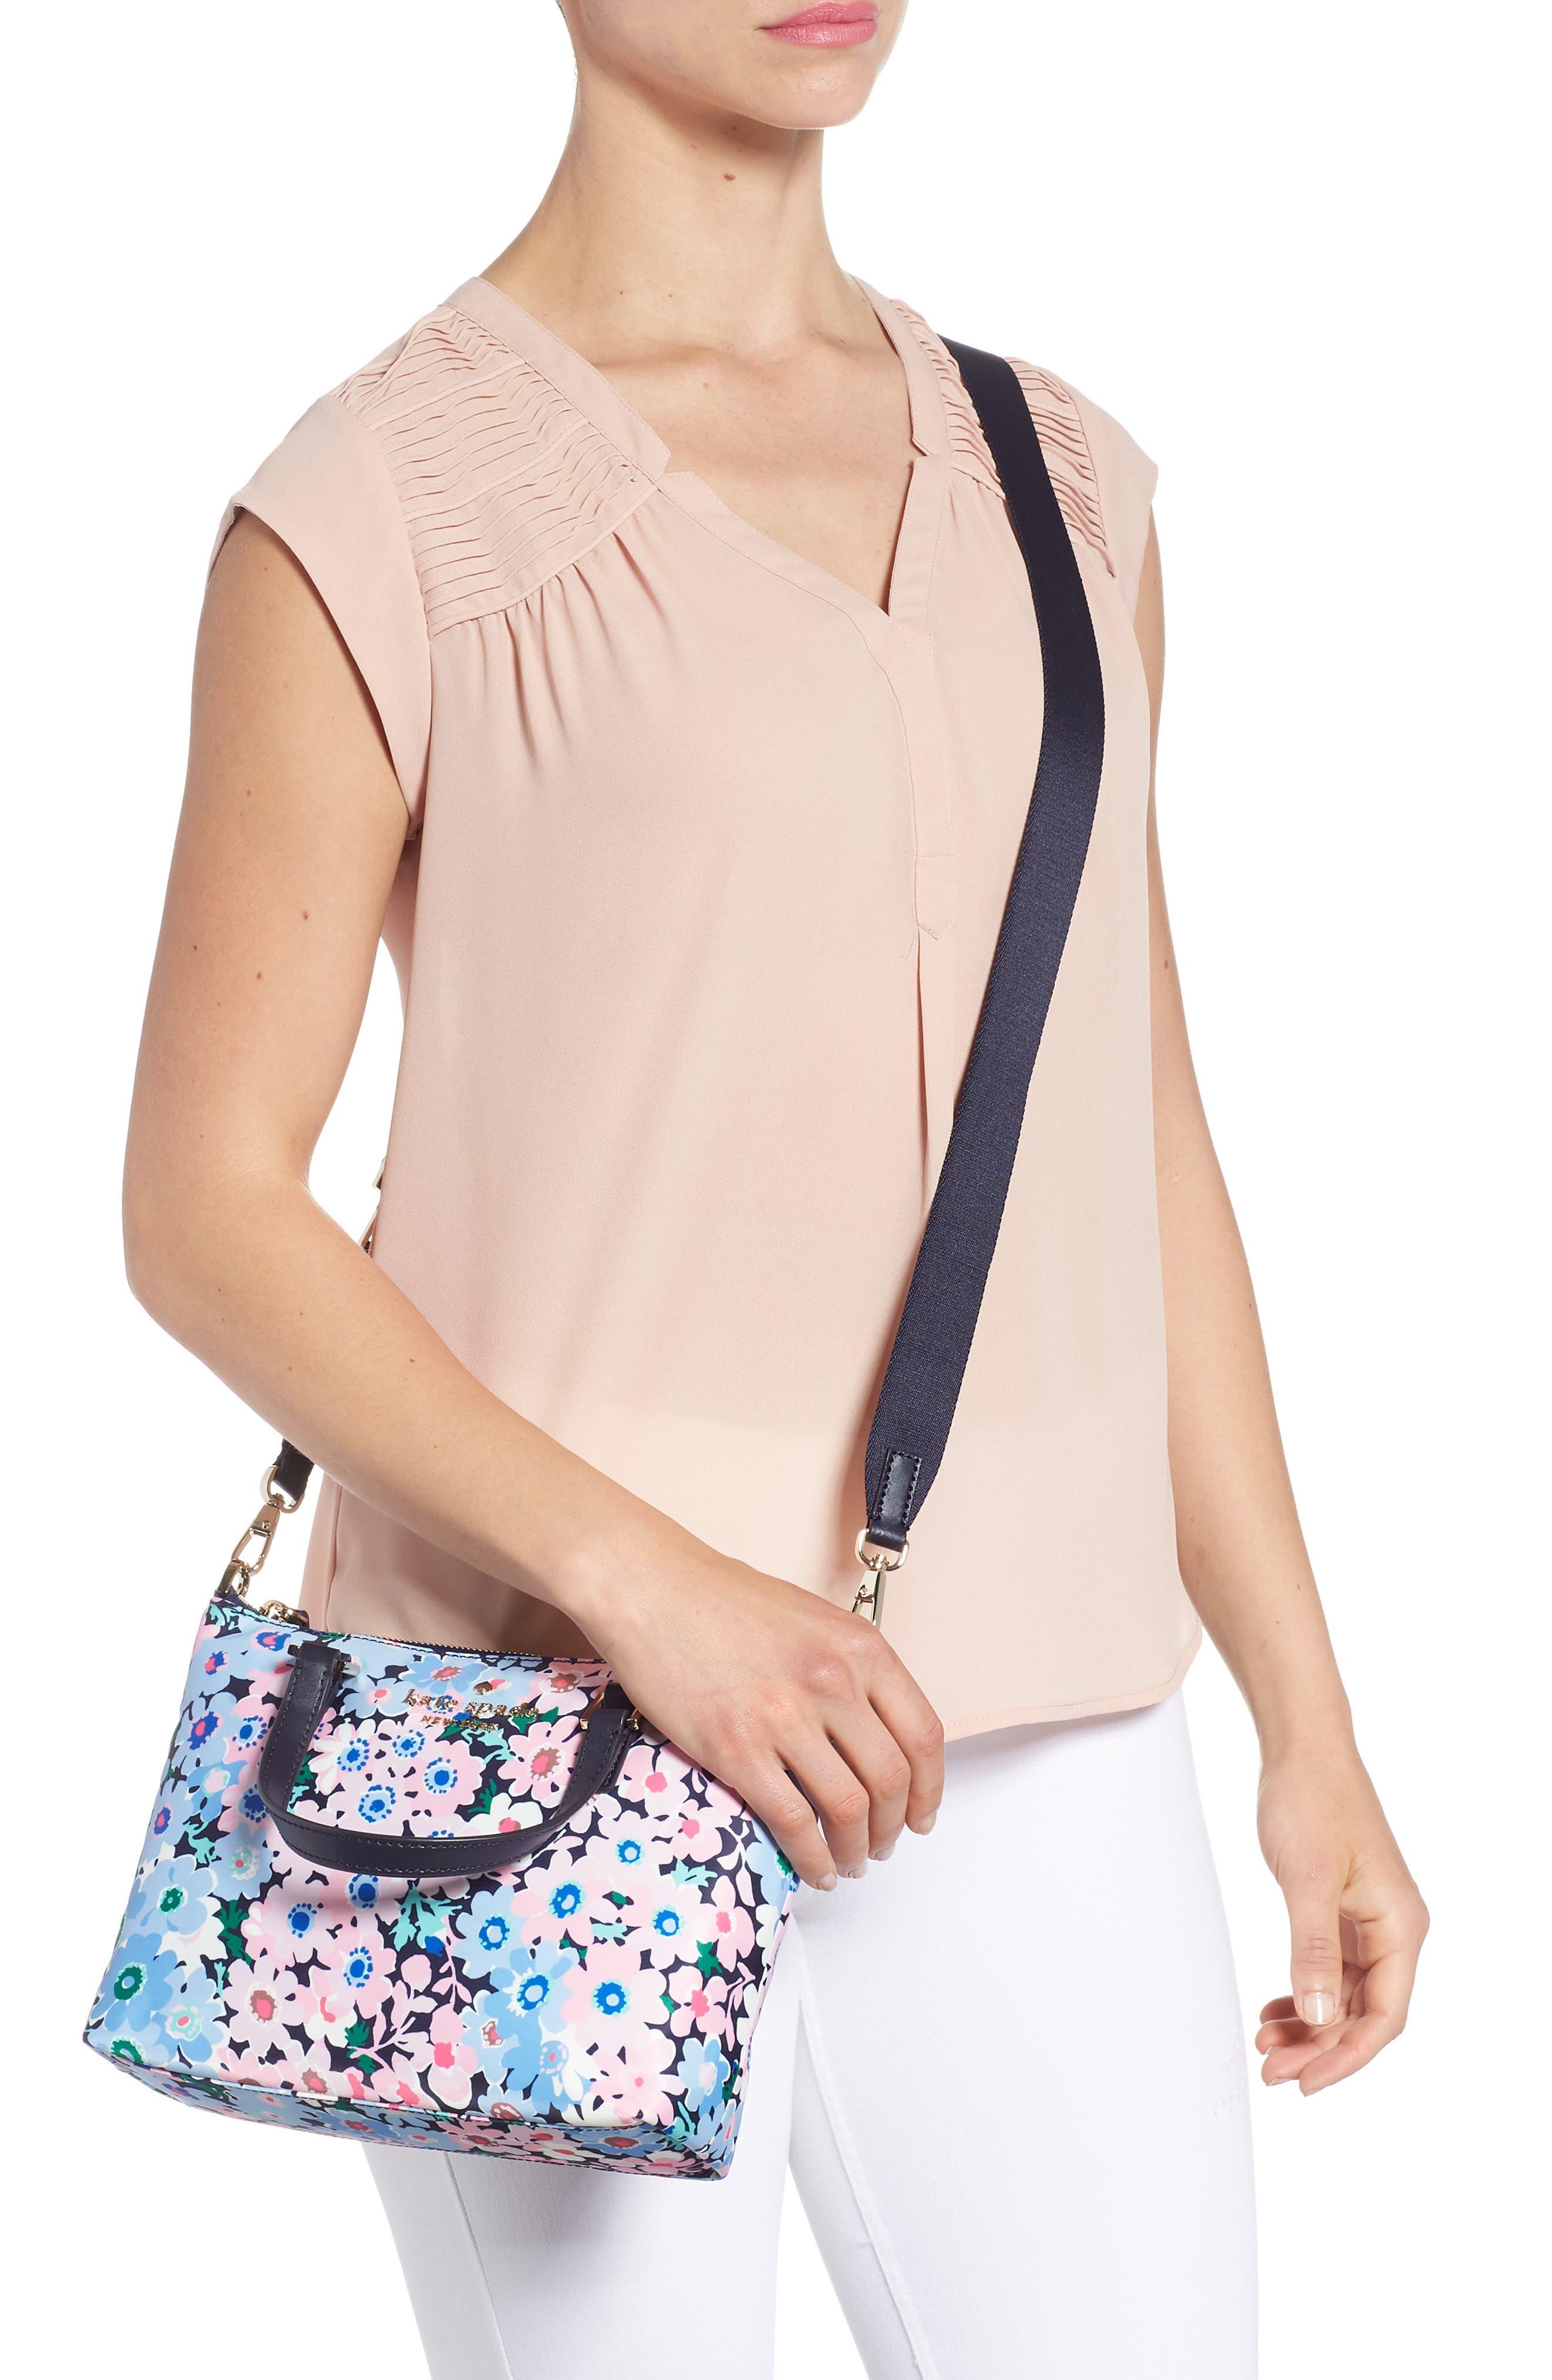 watson lane - daisy garden lucie crossbody bag,                             Alternate thumbnail 2, color,